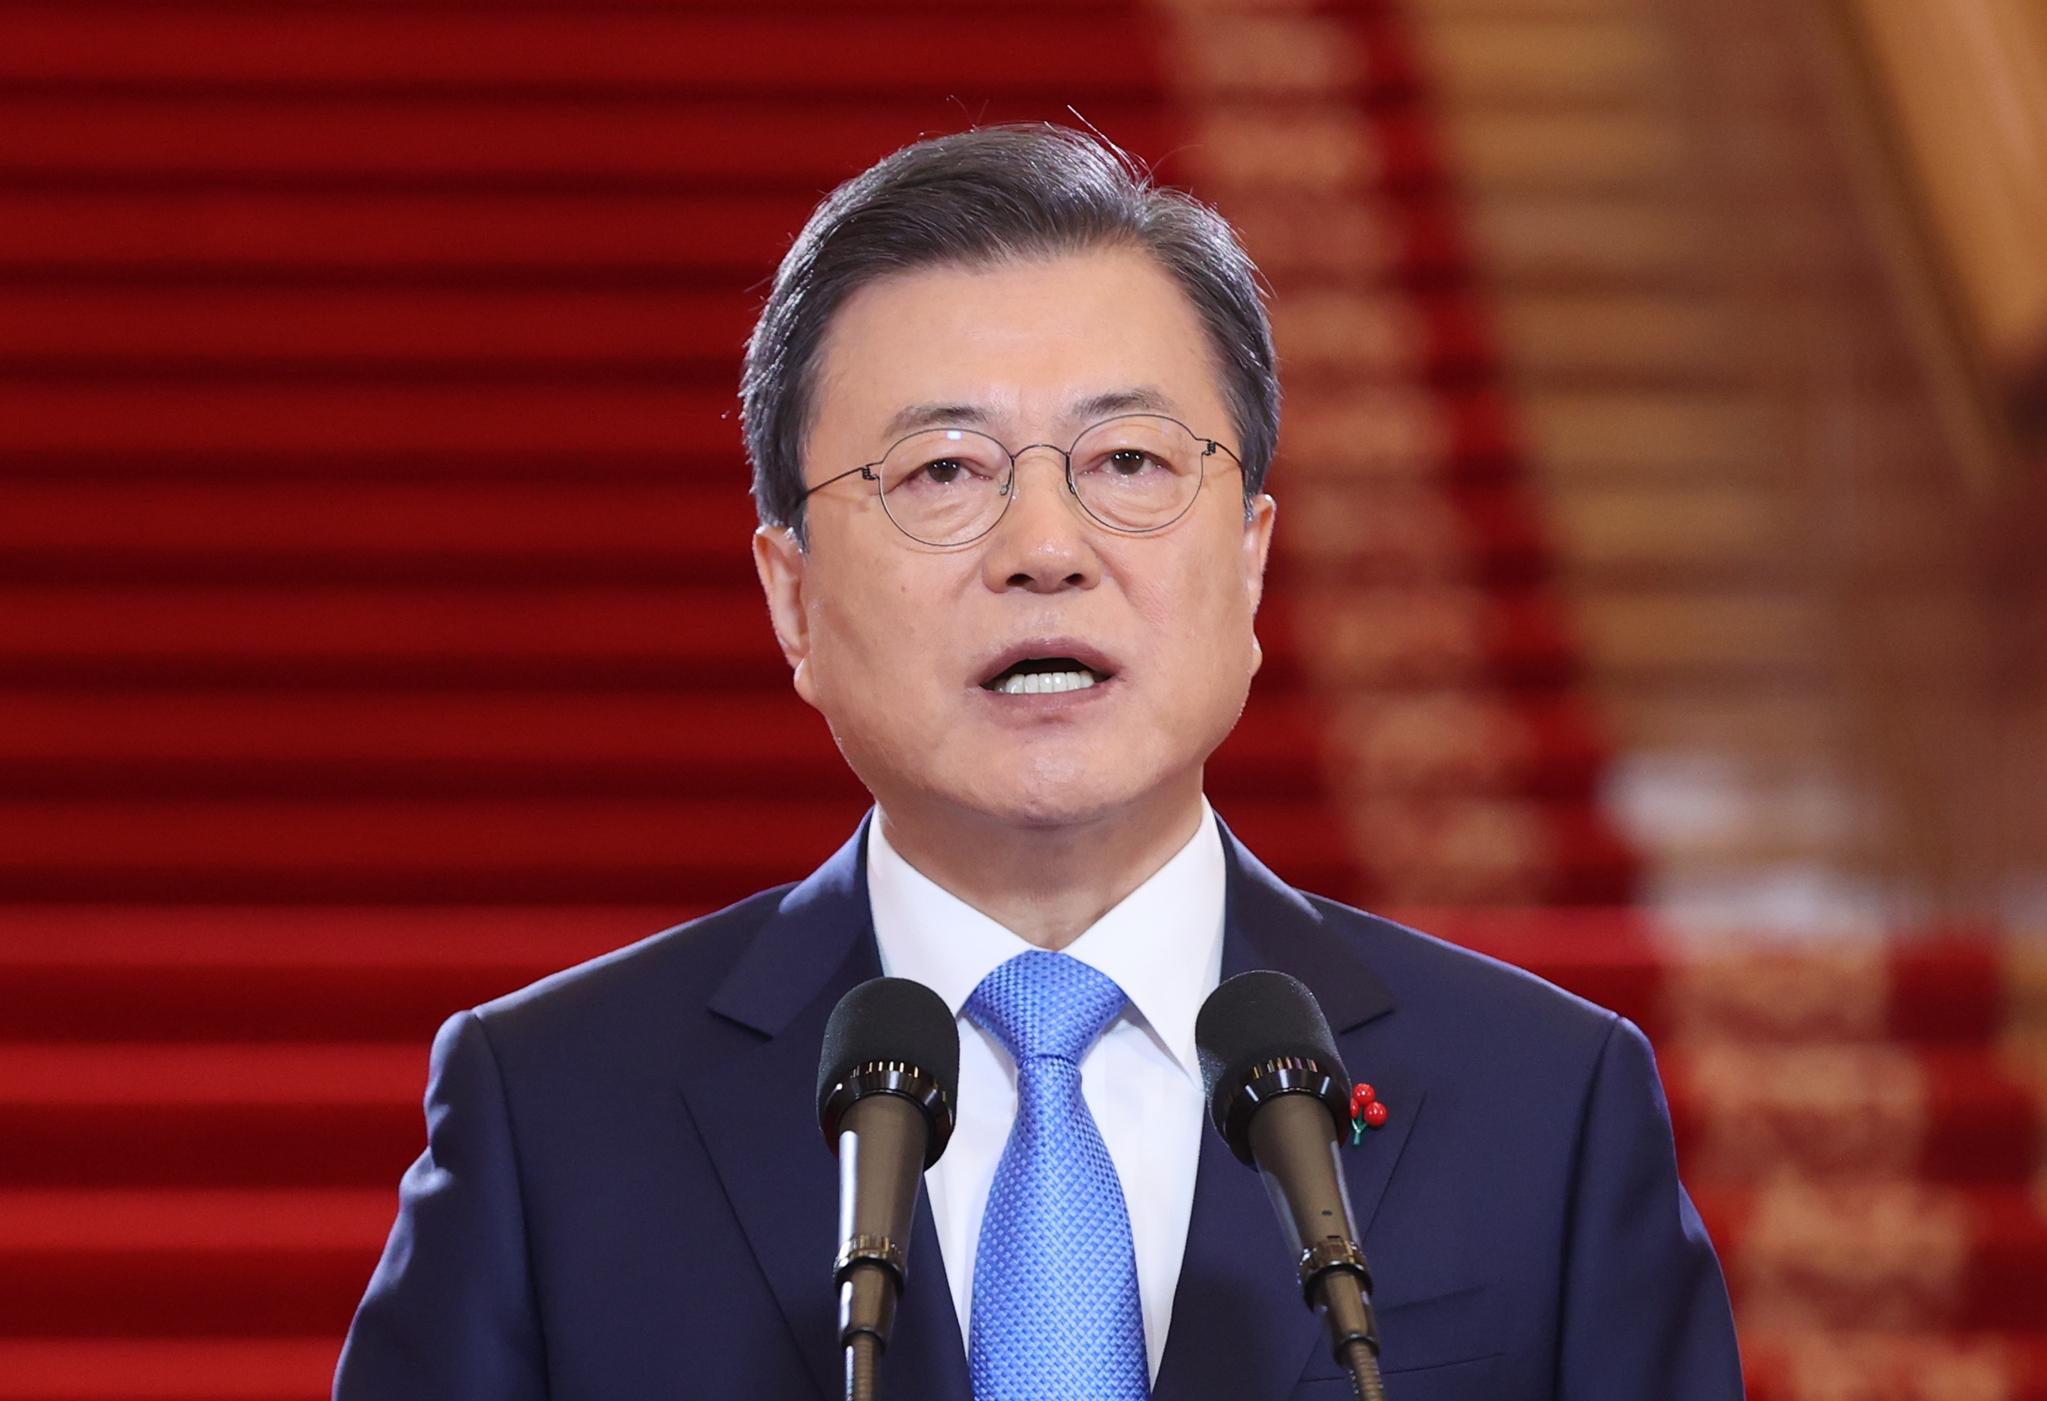 문재인 대통령이 11일 청와대에서 신년사를 하고 있다. 연합뉴스